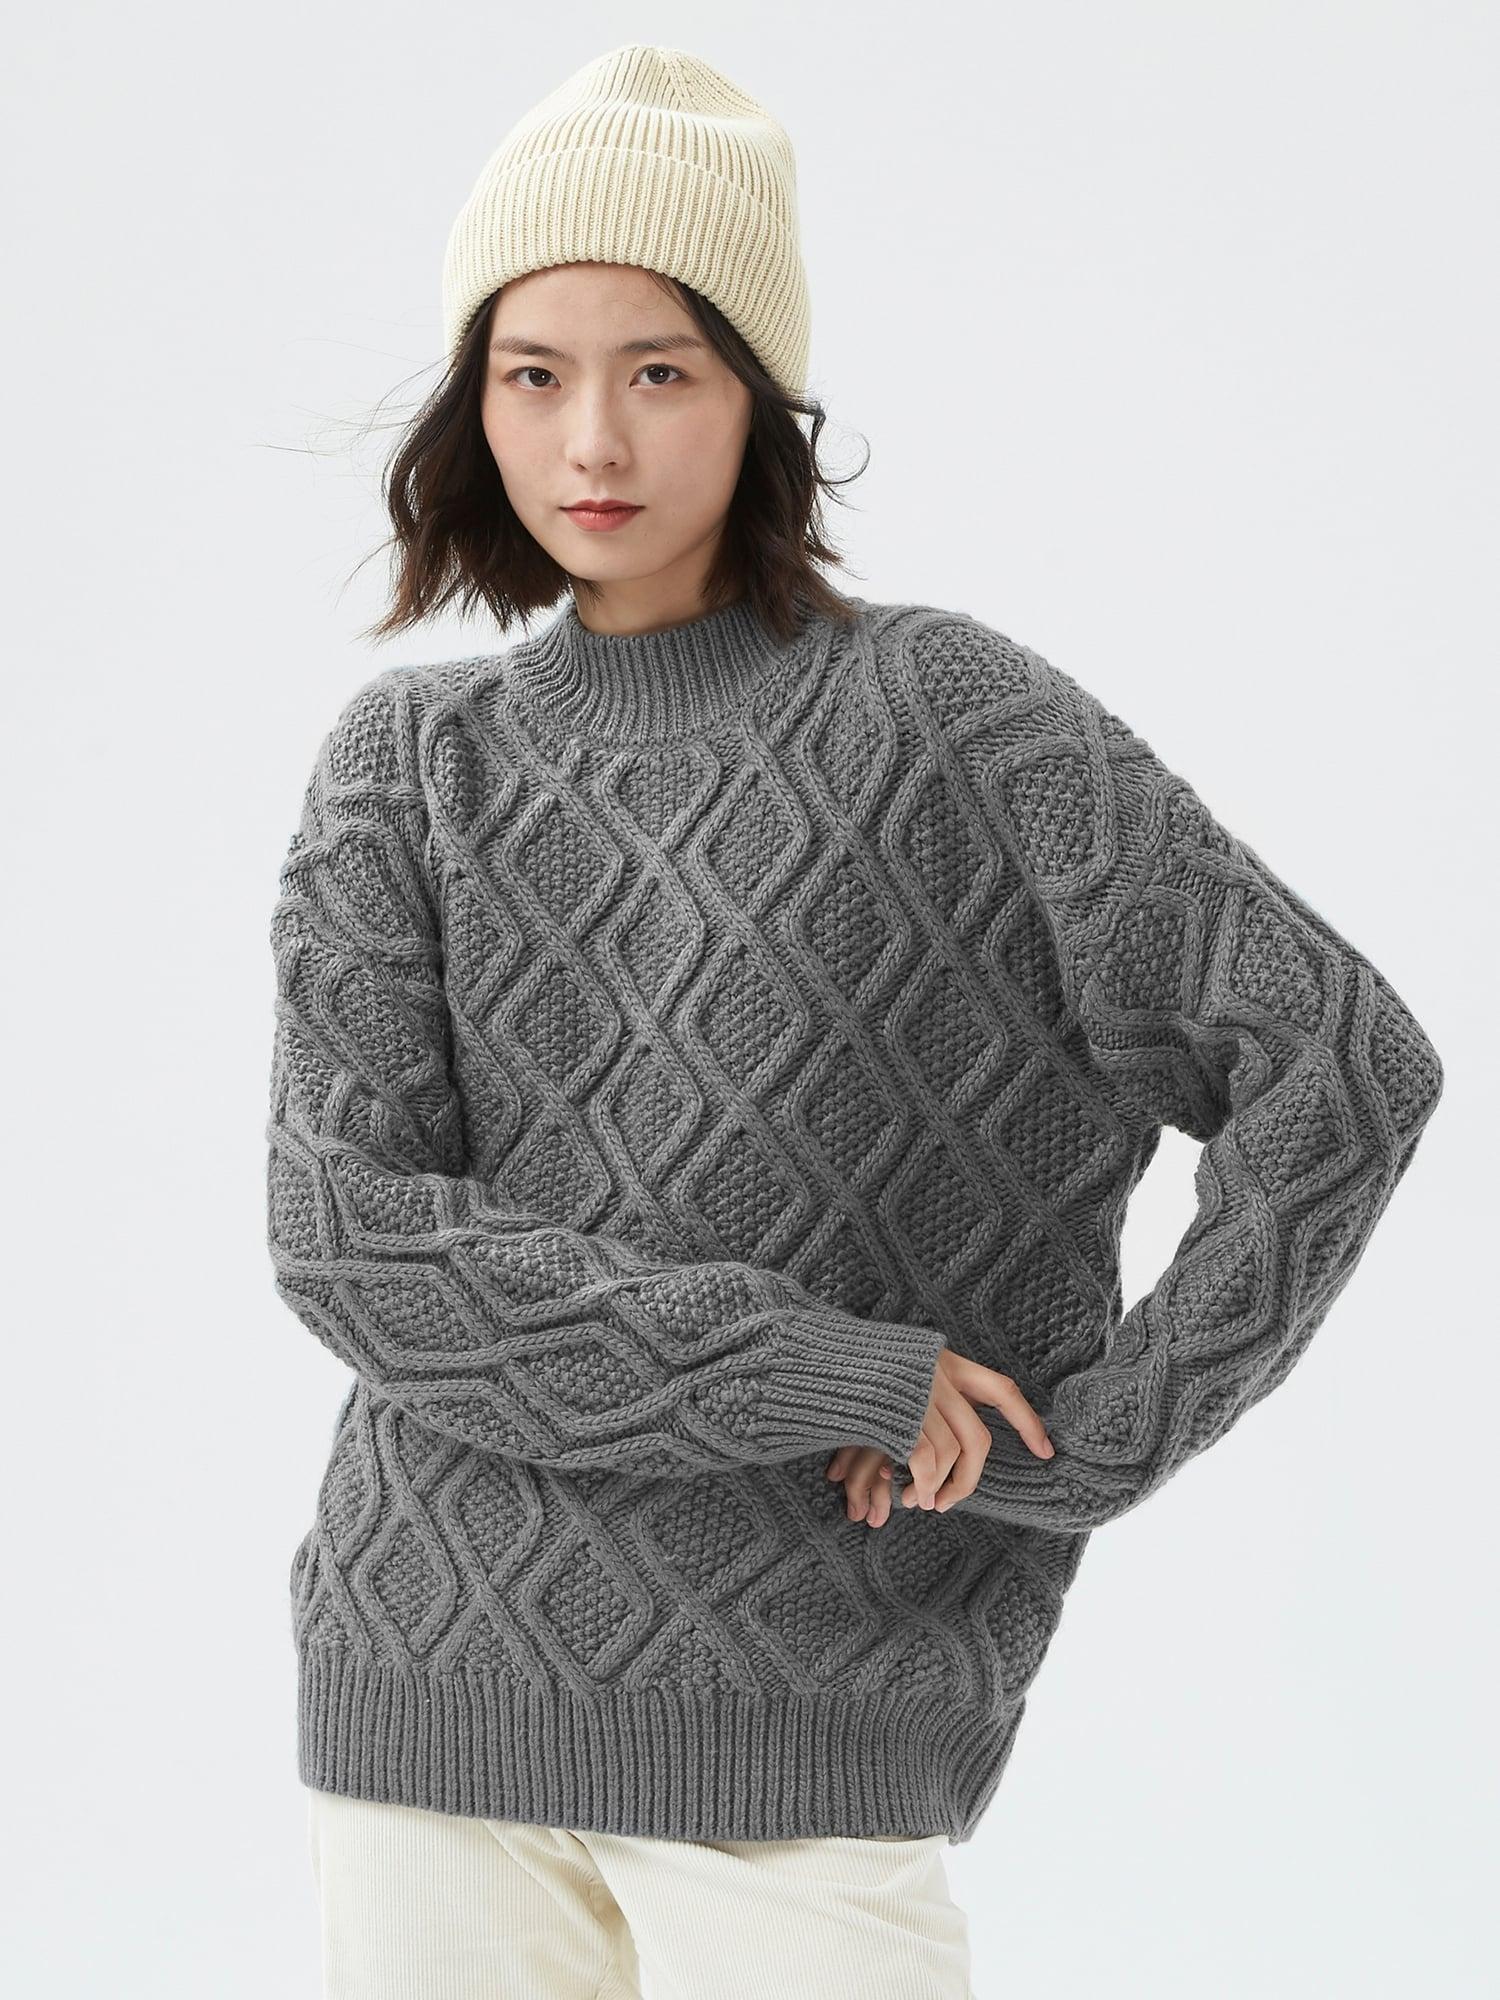 オーバーサイズ ケーブル モックネックセーター